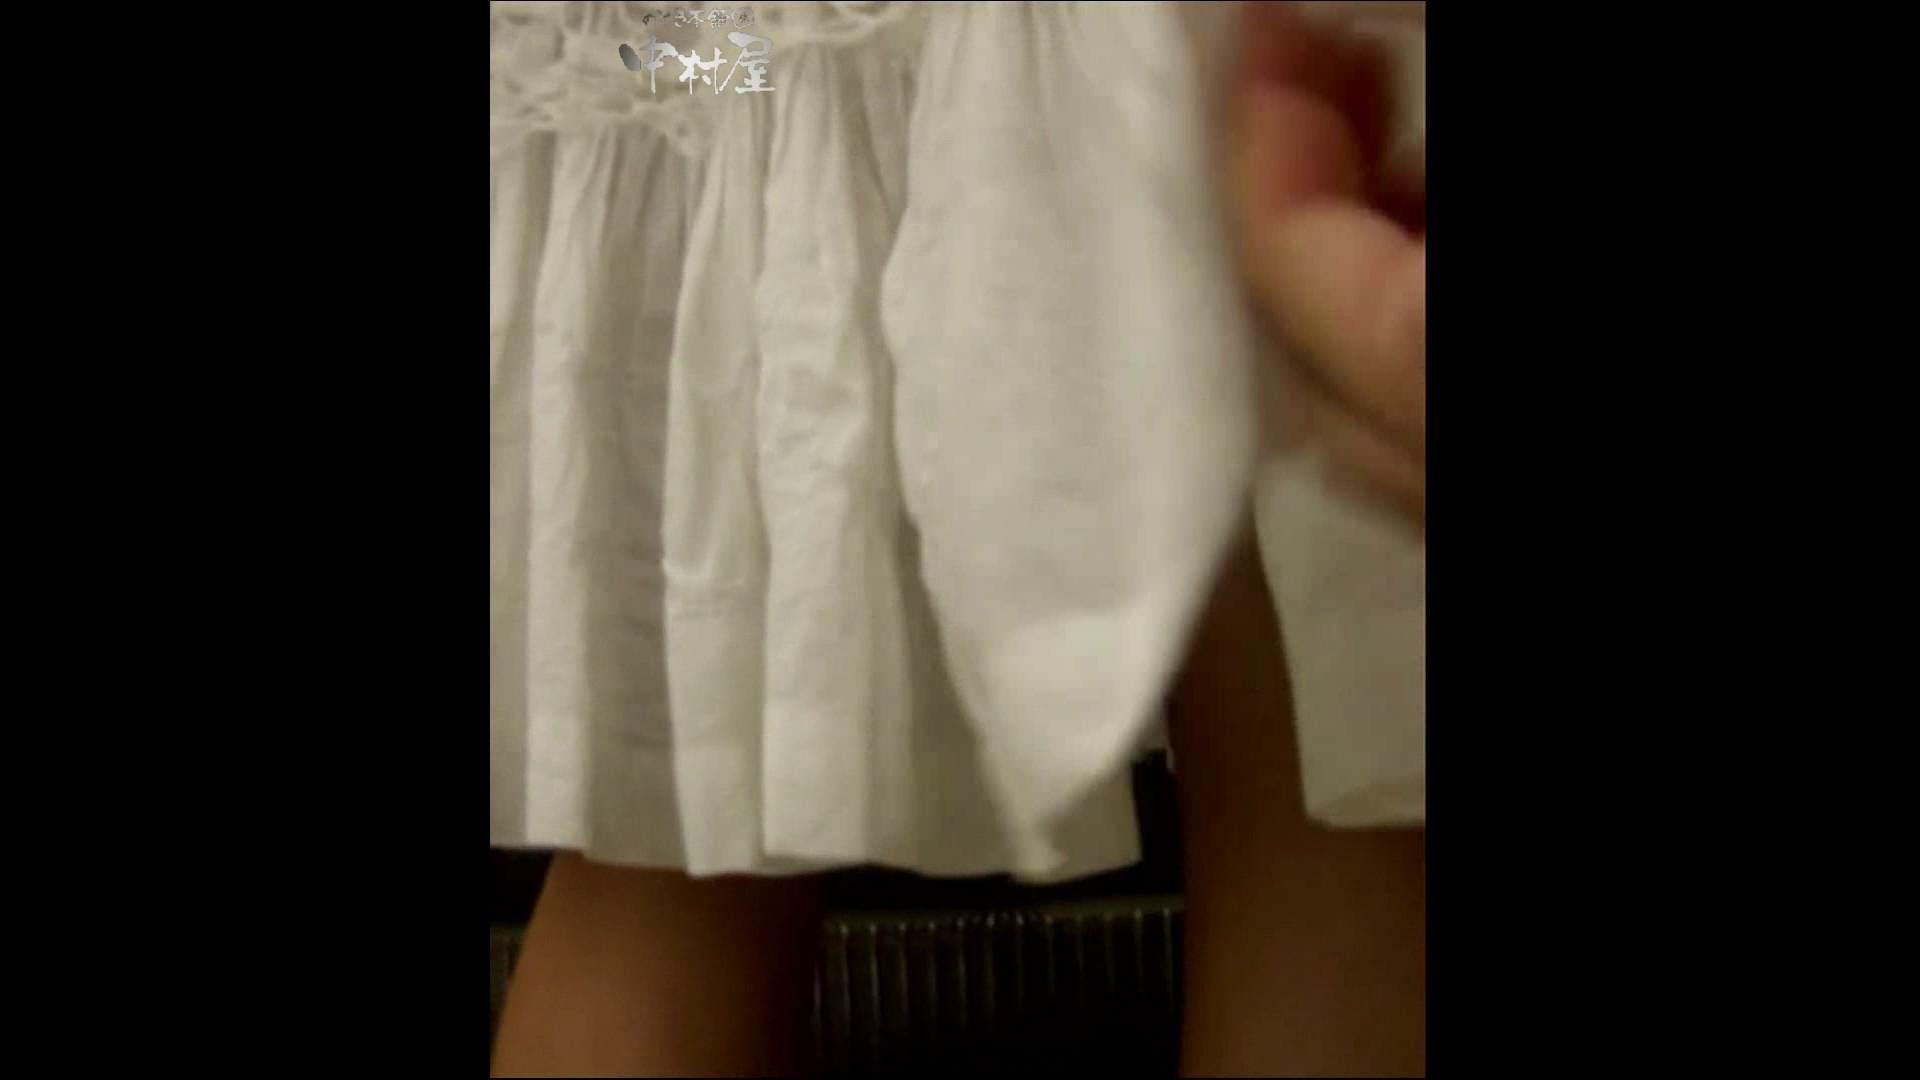 綺麗なモデルさんのスカート捲っちゃおう‼ vol16 OLハメ撮り  25Pix 24